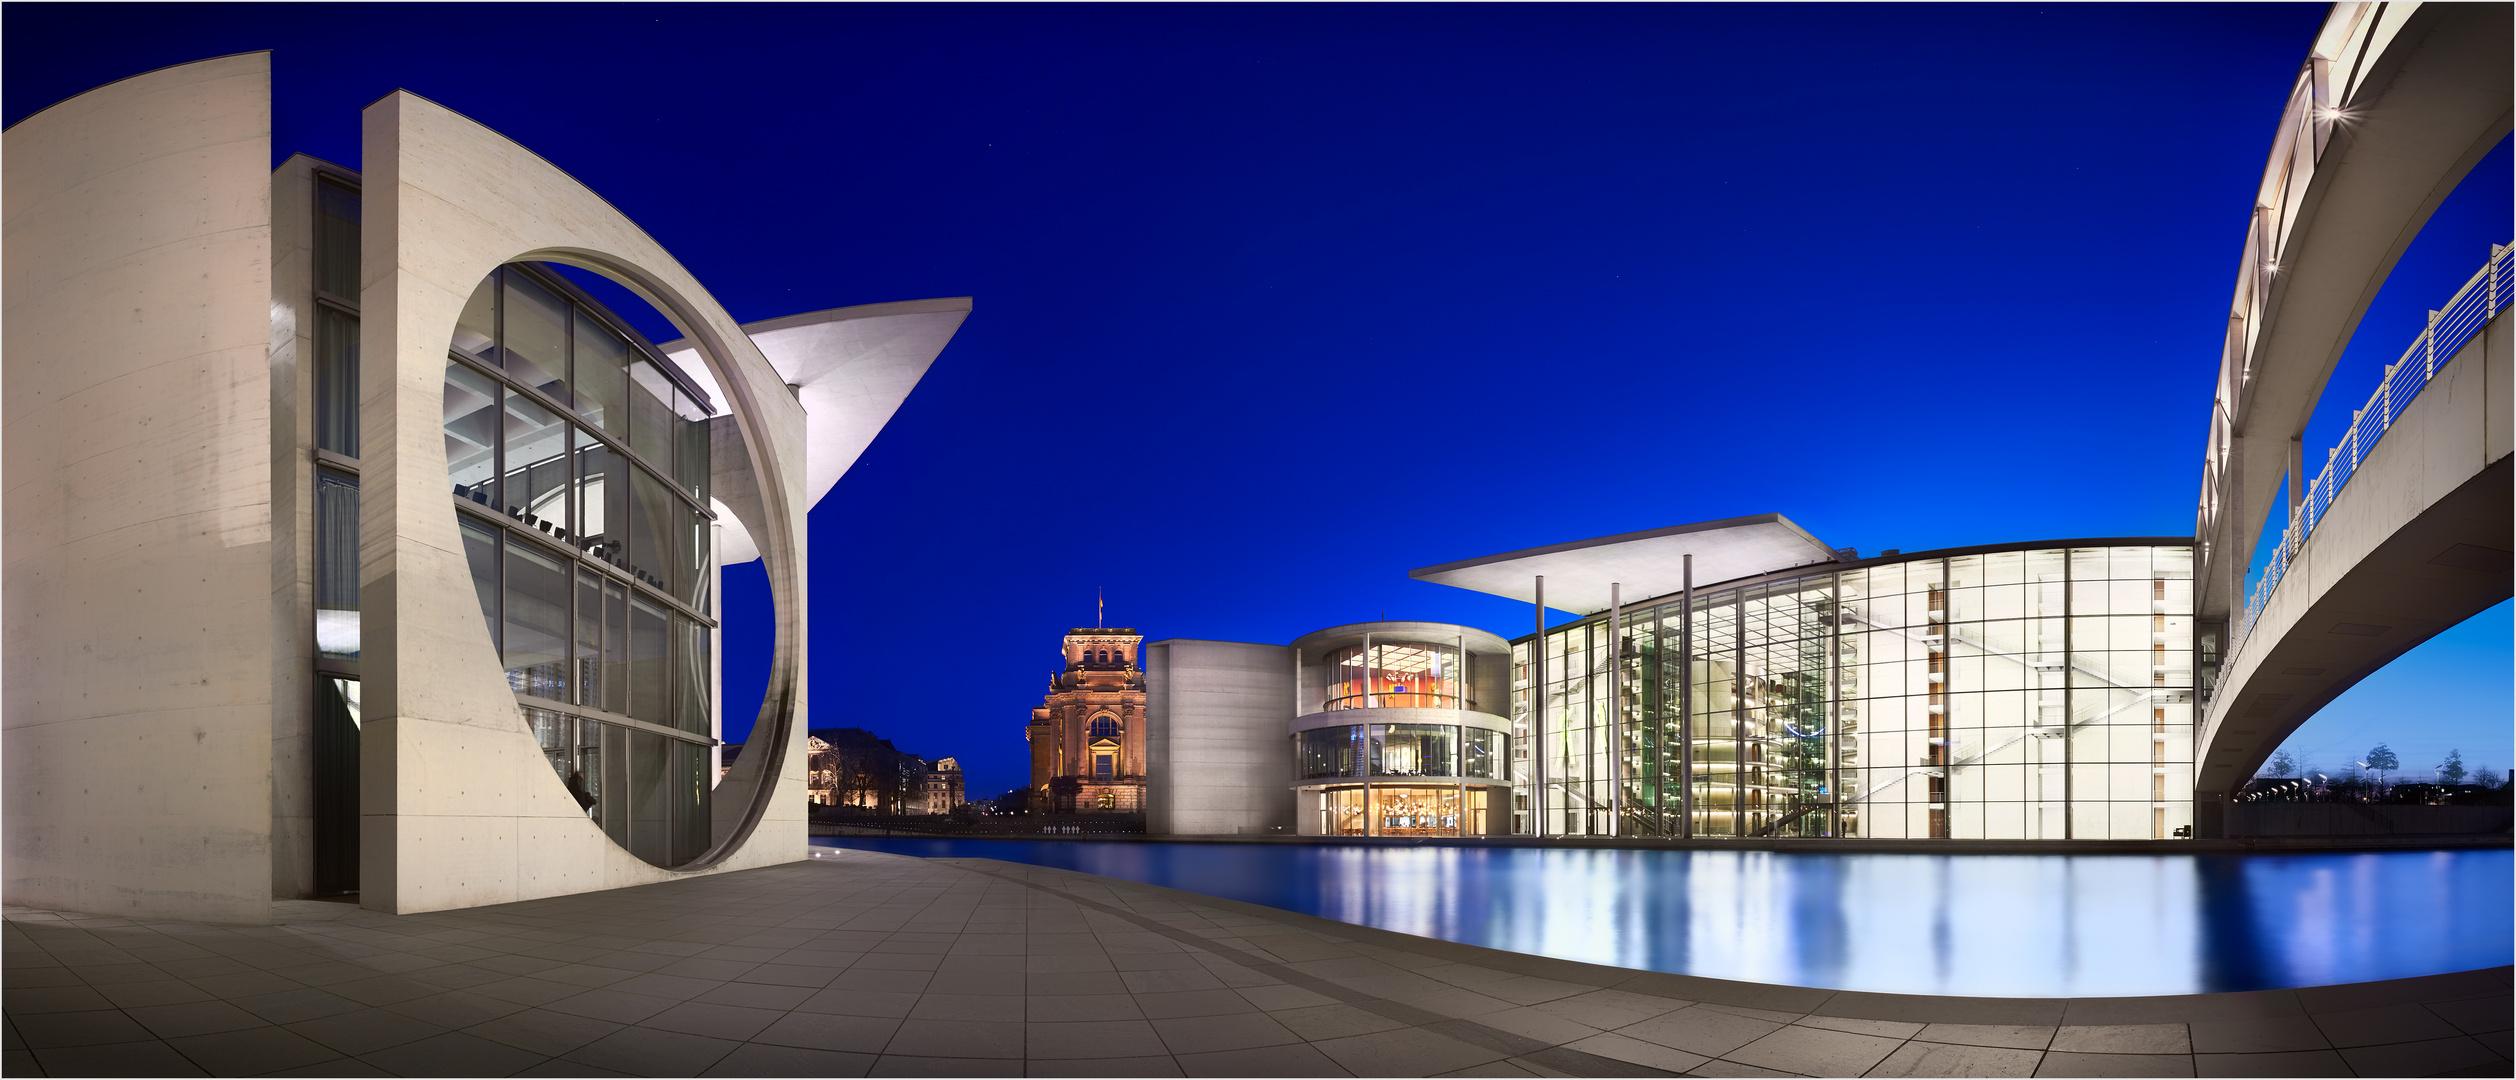 Berlin Regierungsviertel #1